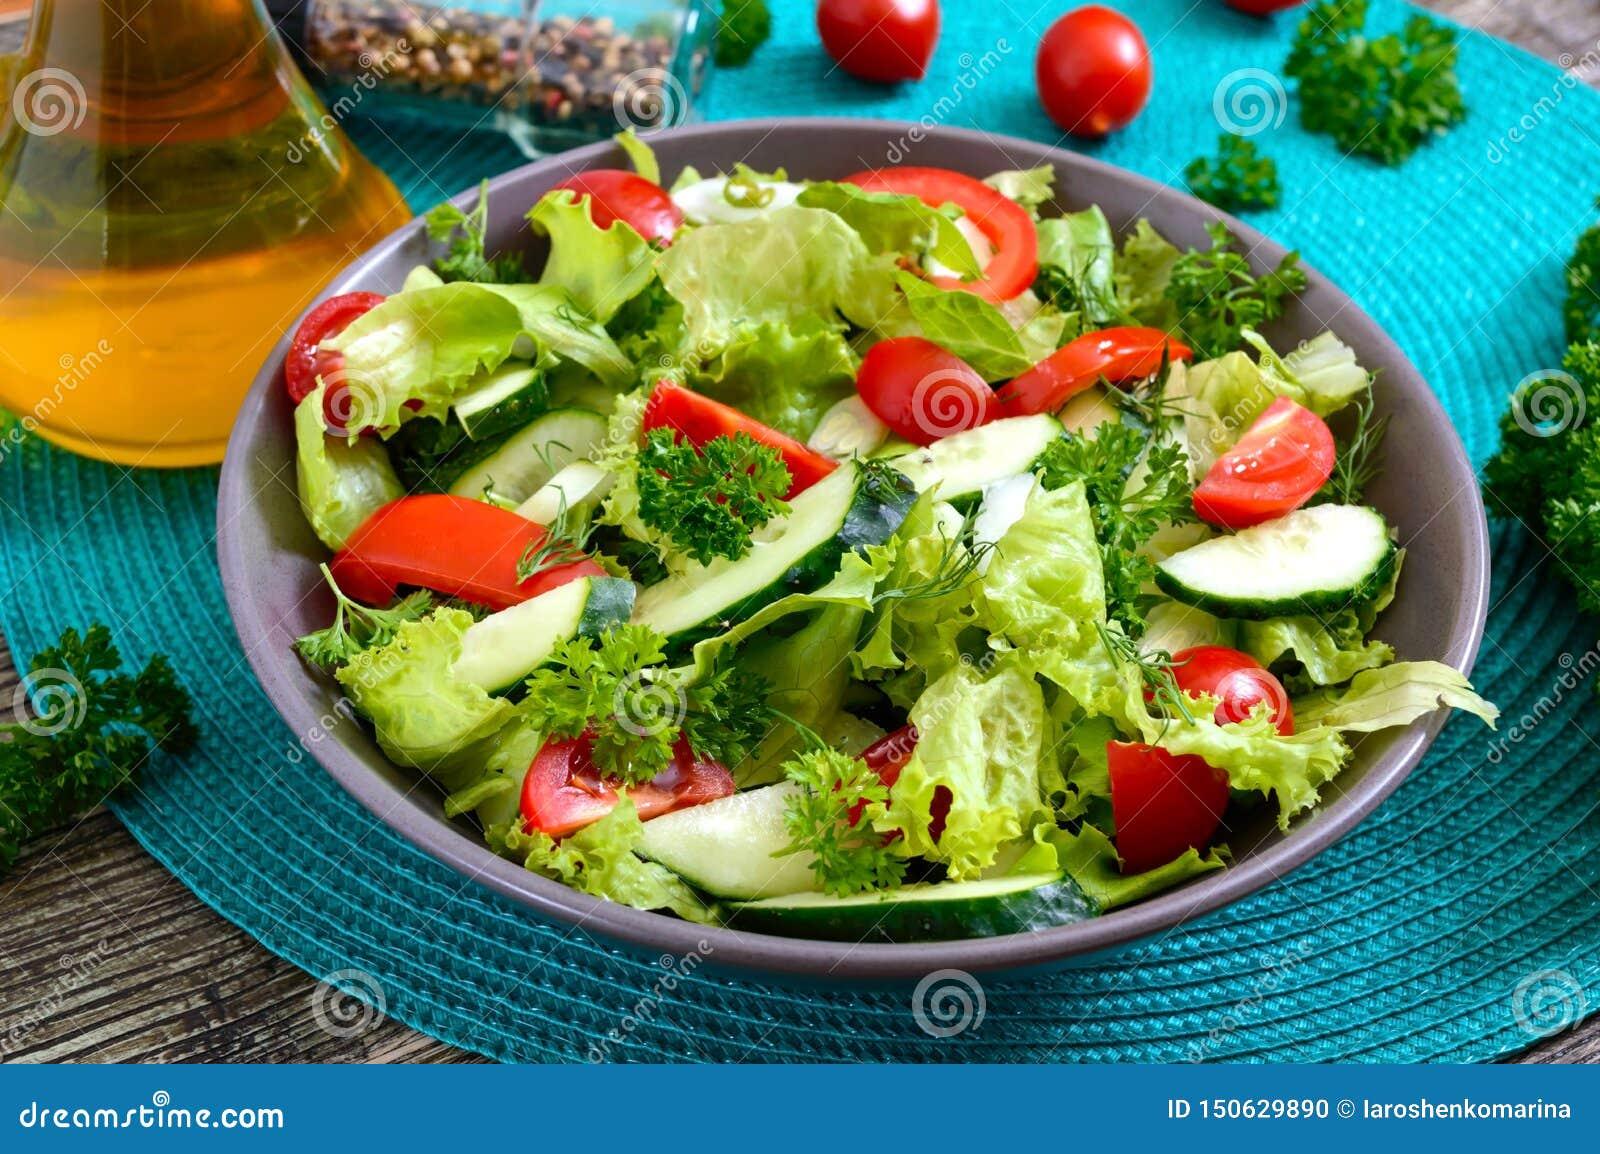 Νόστιμη διαιτητική σαλάτα βιταμινών με τα φρέσκα αγγούρια, ντομάτες, πράσινα Σαλάτα από τα οργανικά λαχανικά